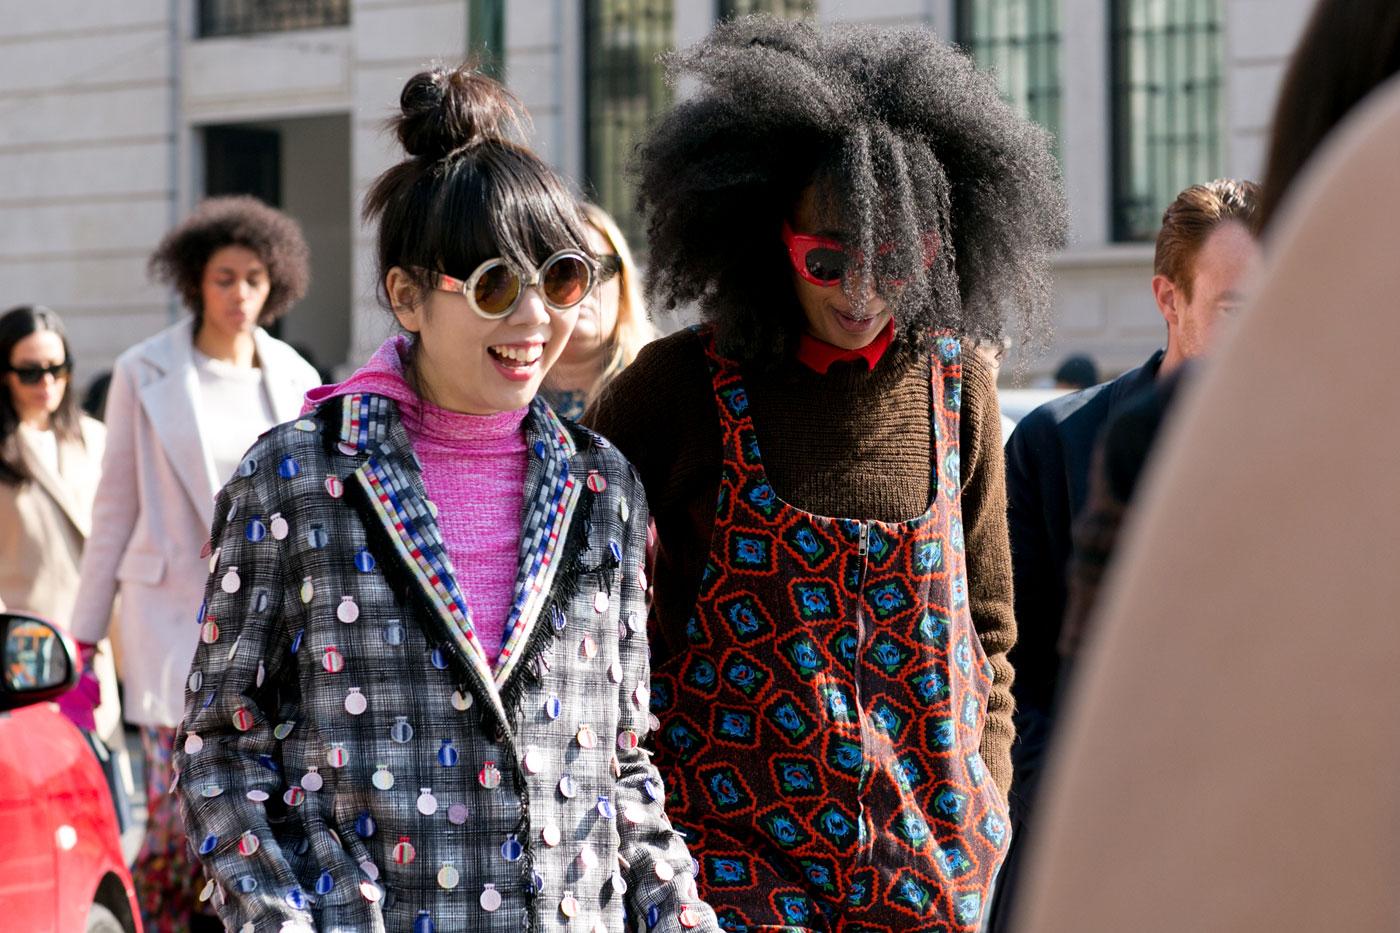 Phong cách thời trang đường phố tại Milan - Ảnh 4